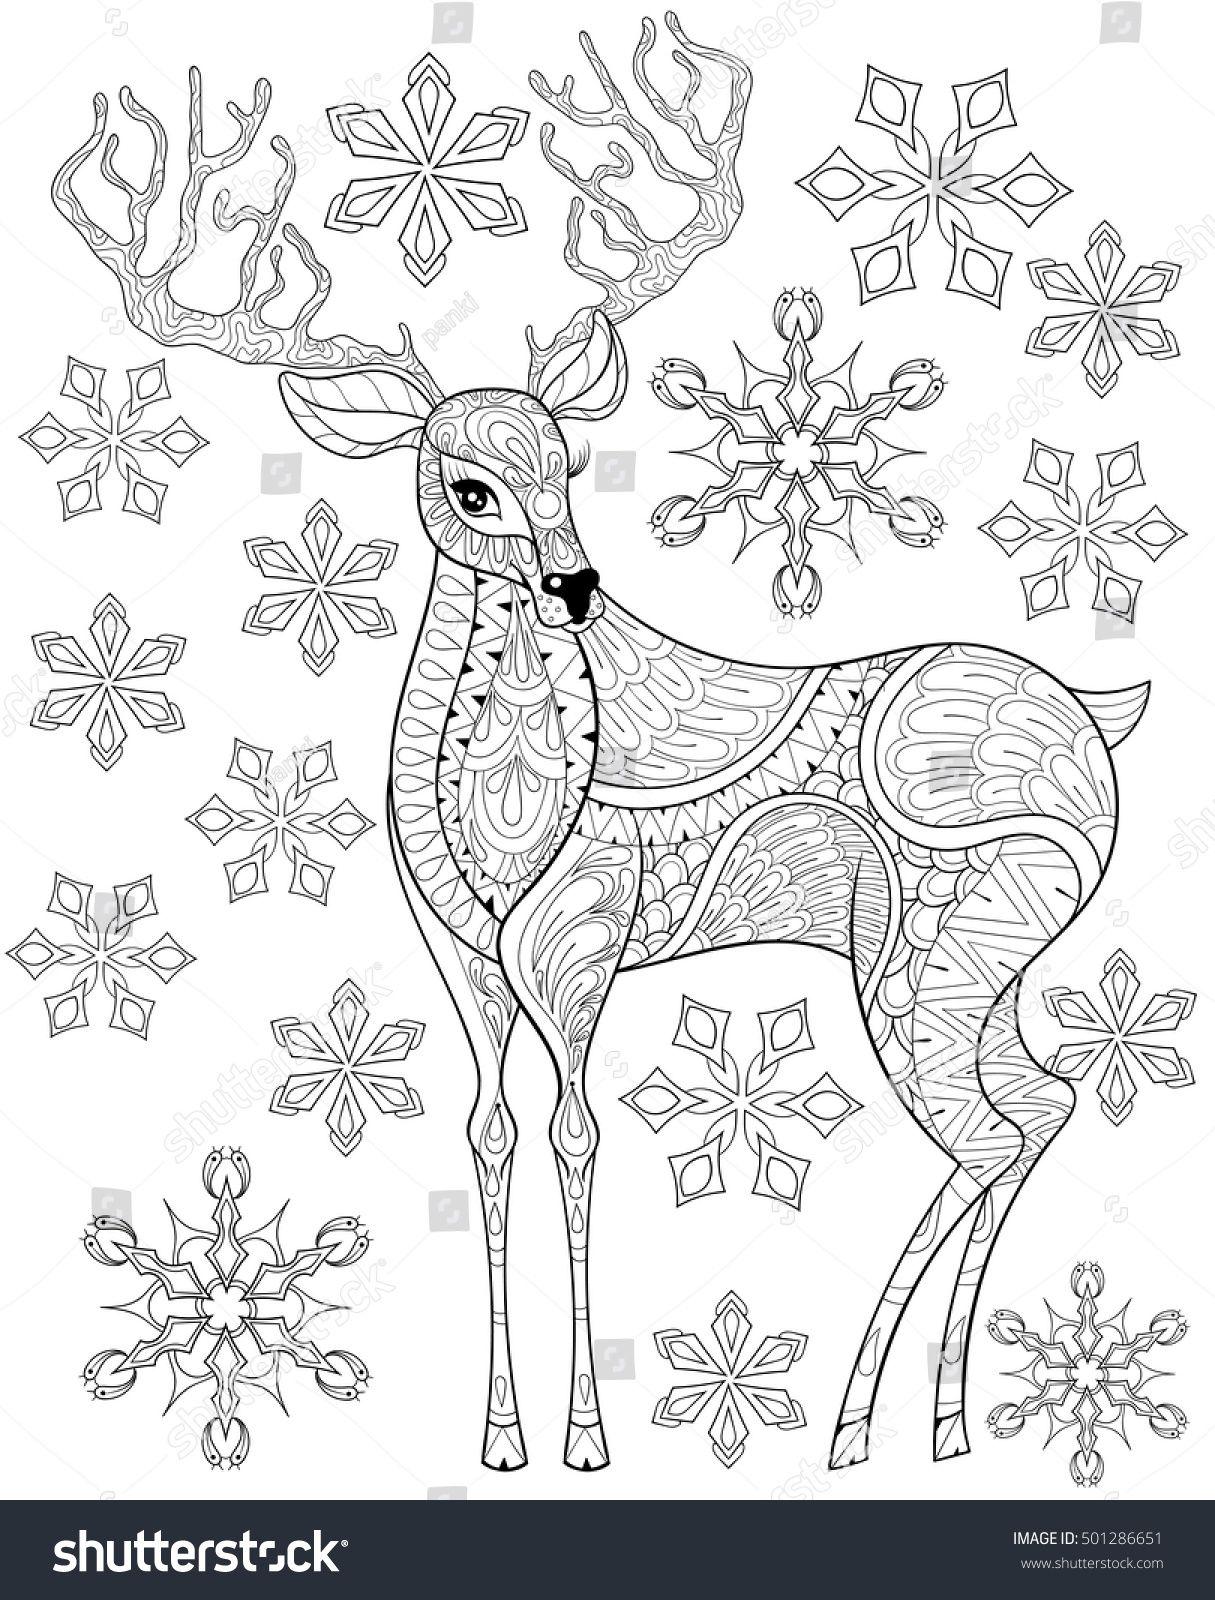 Image Result For Christmas Color Pages For Adults Weihnachtsmalvorlagen Mandala Malvorlagen Weihnachten Zum Ausmalen